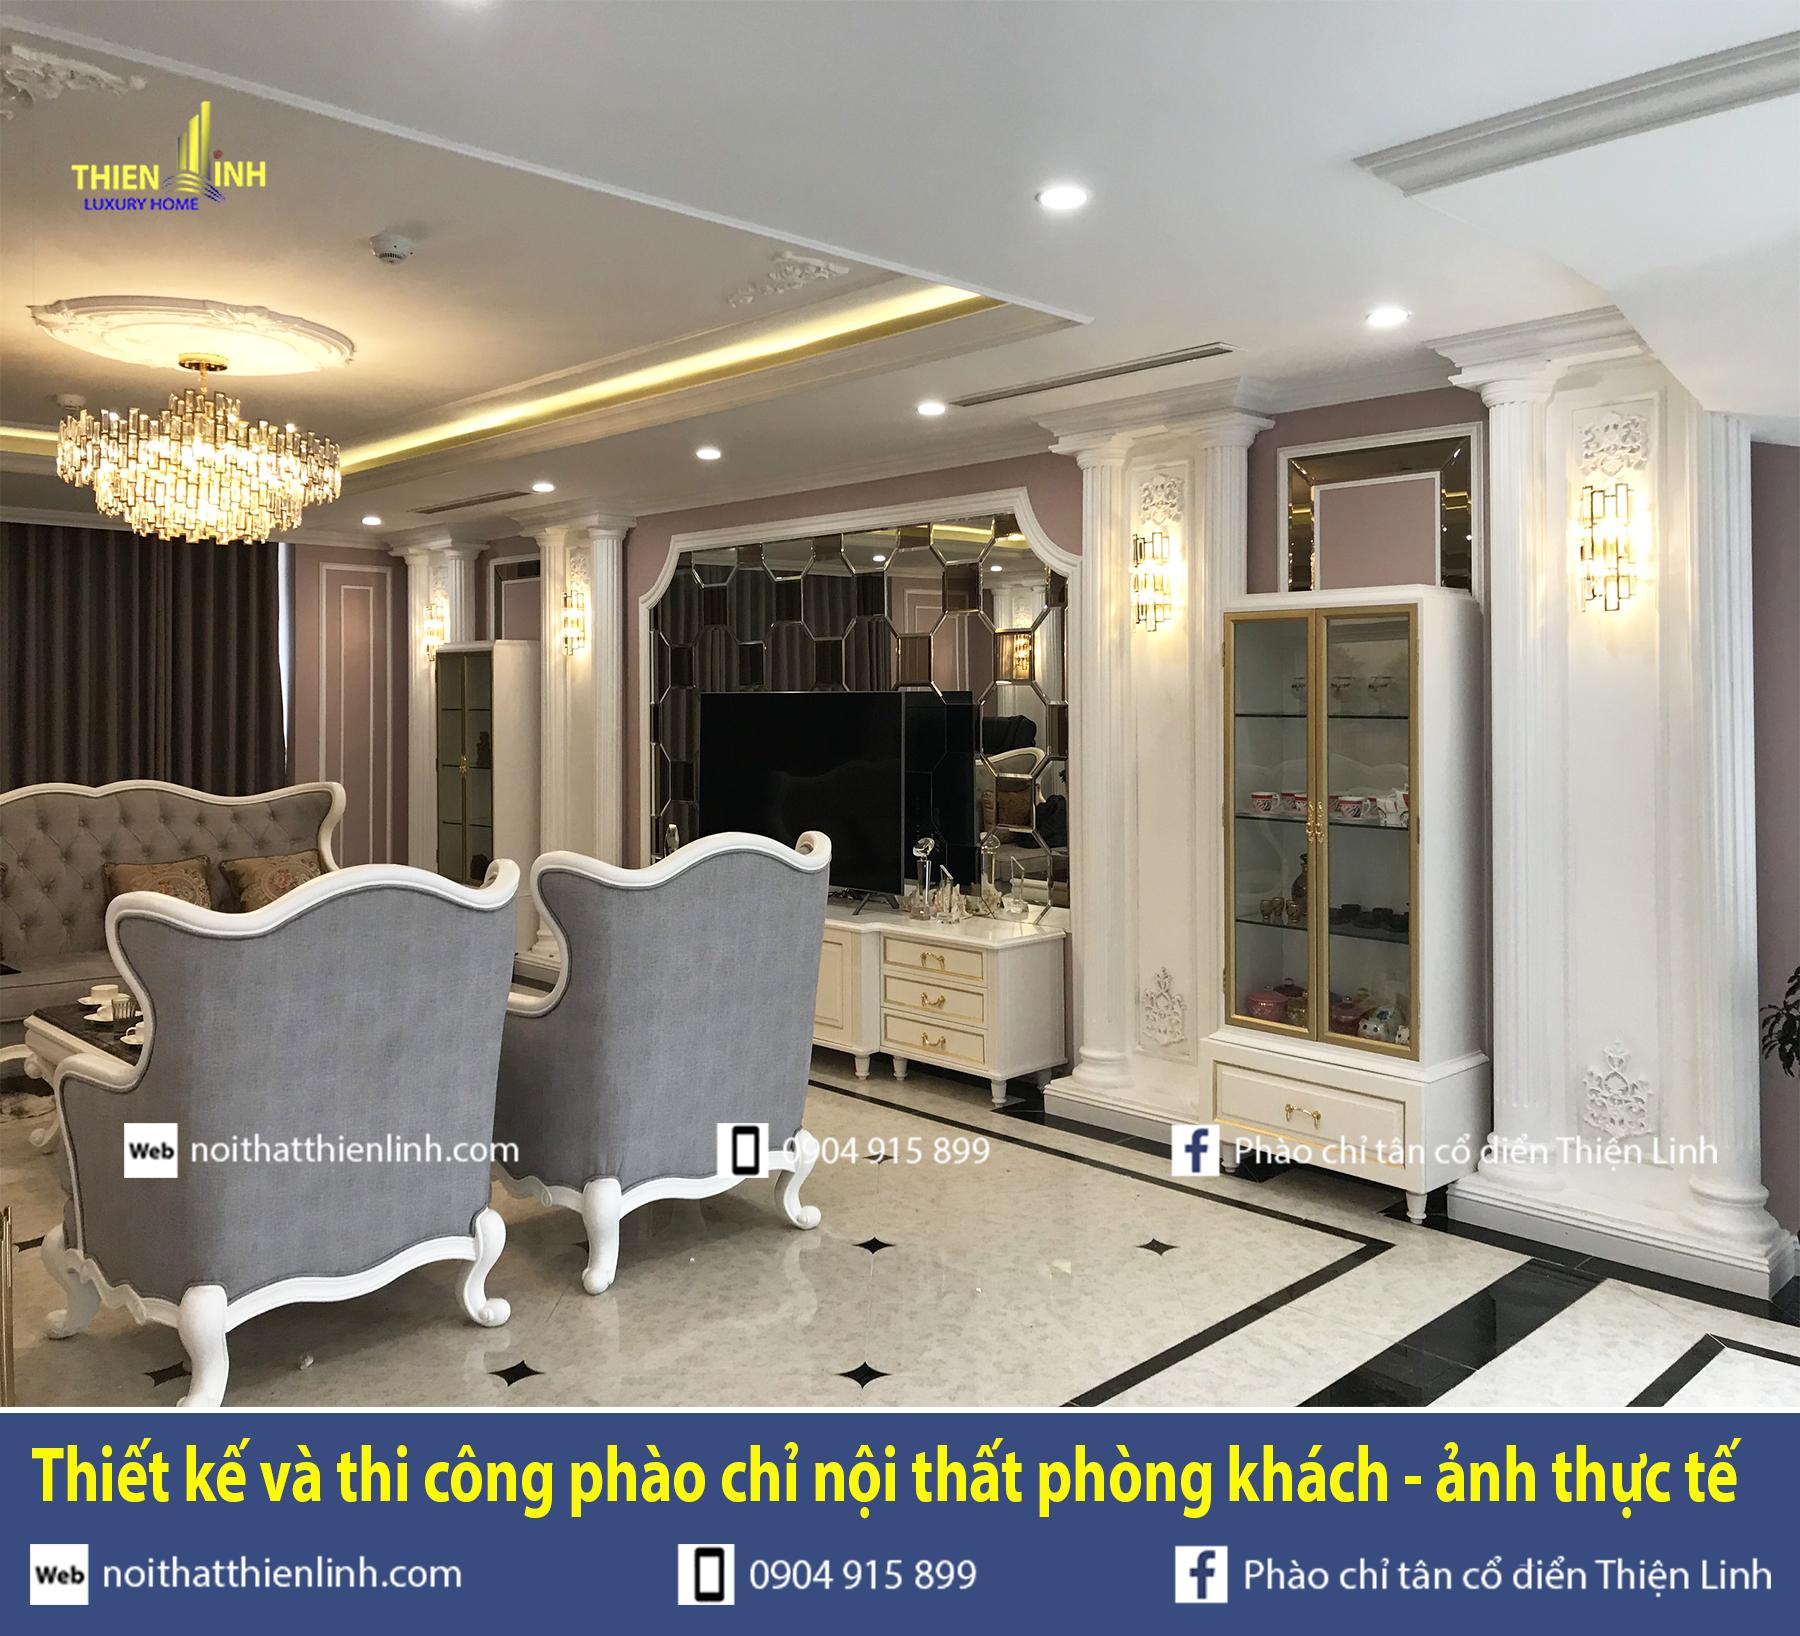 Thiết kế và thi công phào chỉ nội thất phòng khách - ảnh thực tế (4)